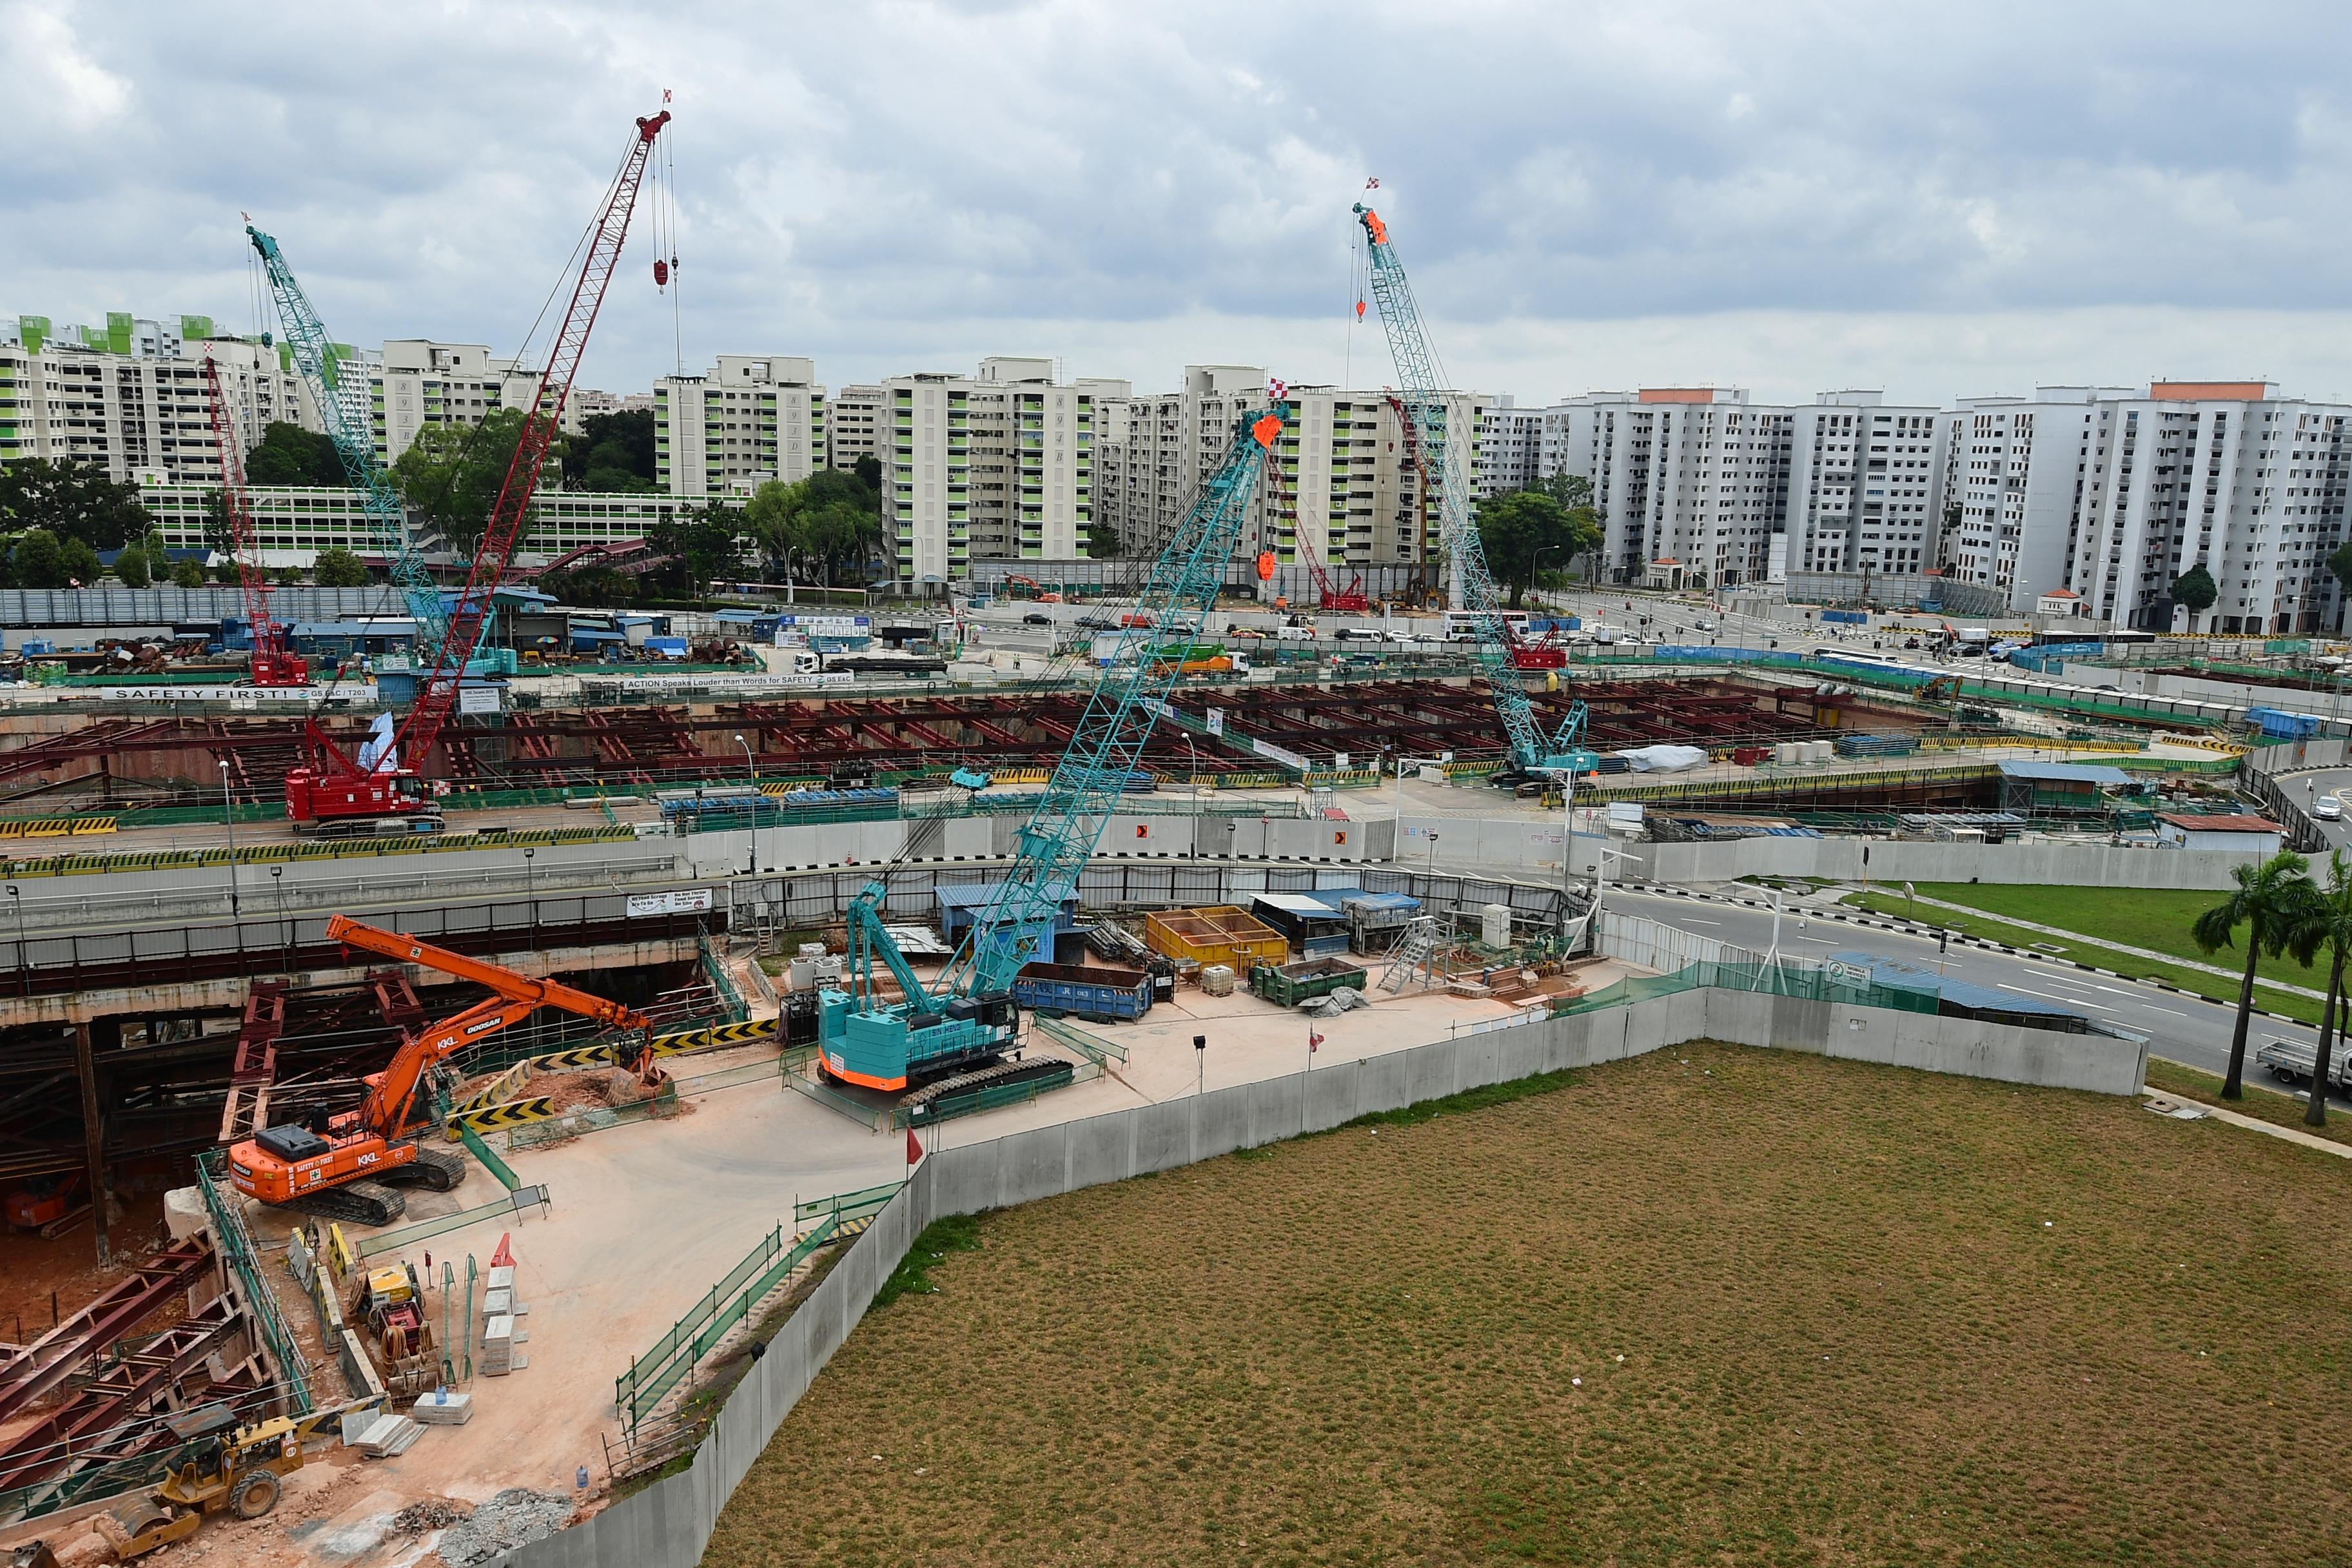 dg265908-new-mrt-line-construction-woodlands-singapore-18-2-17